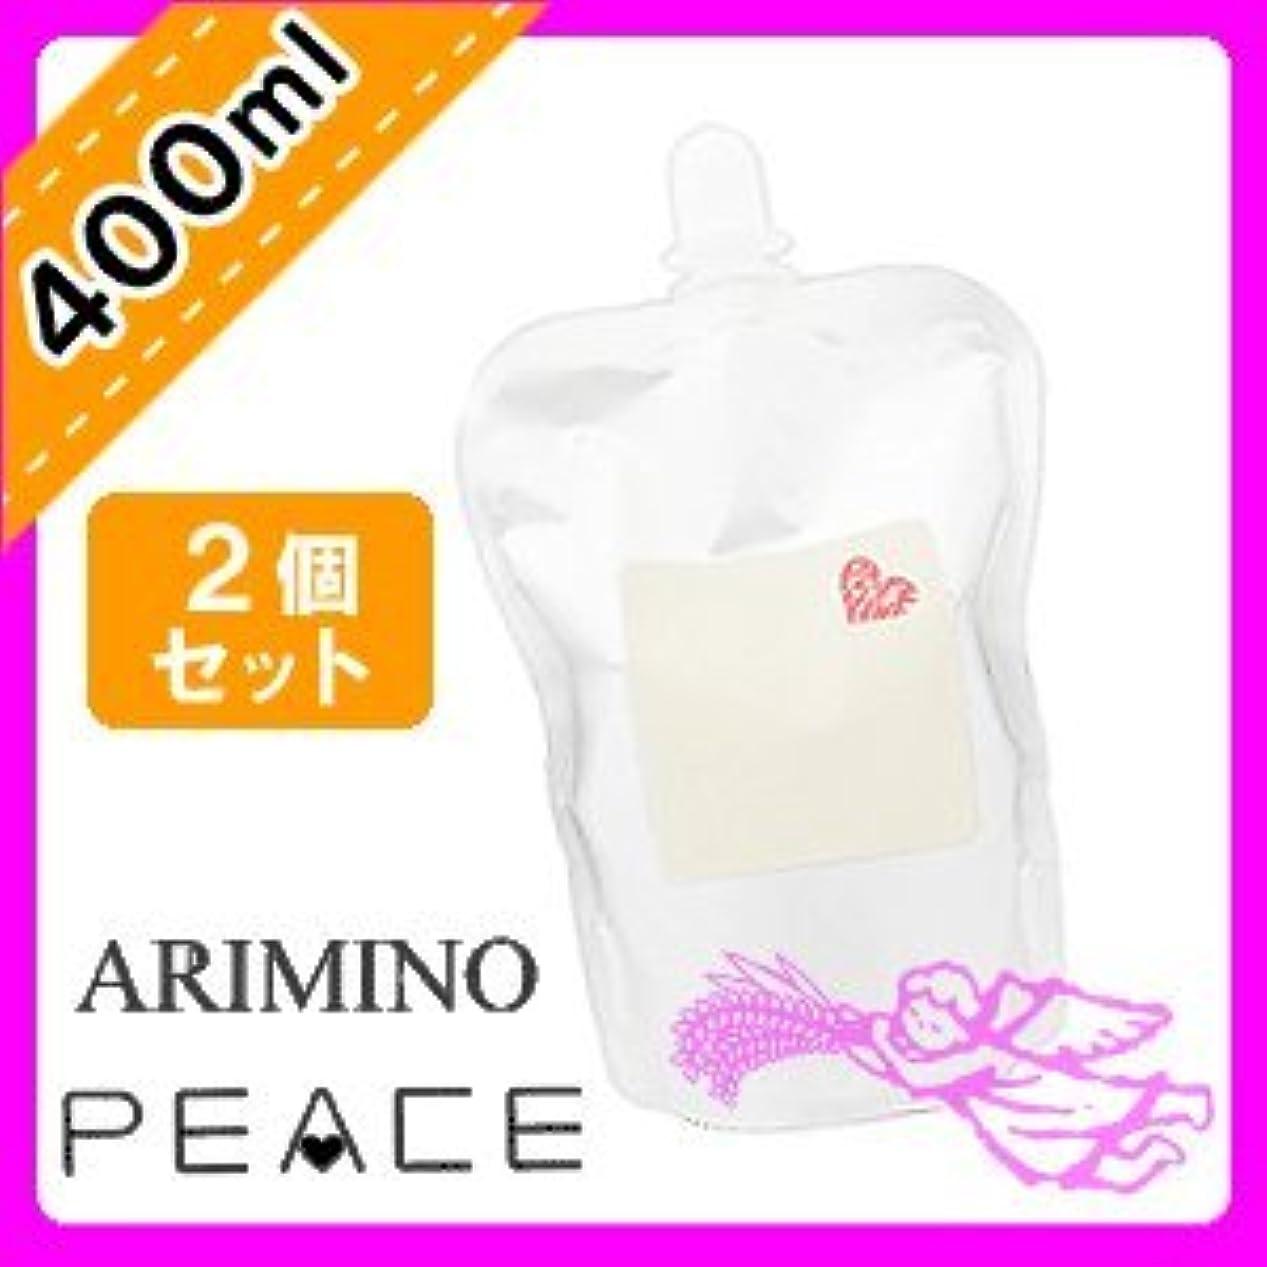 飢嵐増幅器アリミノ ピース ホイップワックス ナチュラルウェーブ ホイップ400mL ×2個 セット詰め替え用 arimino PEACE